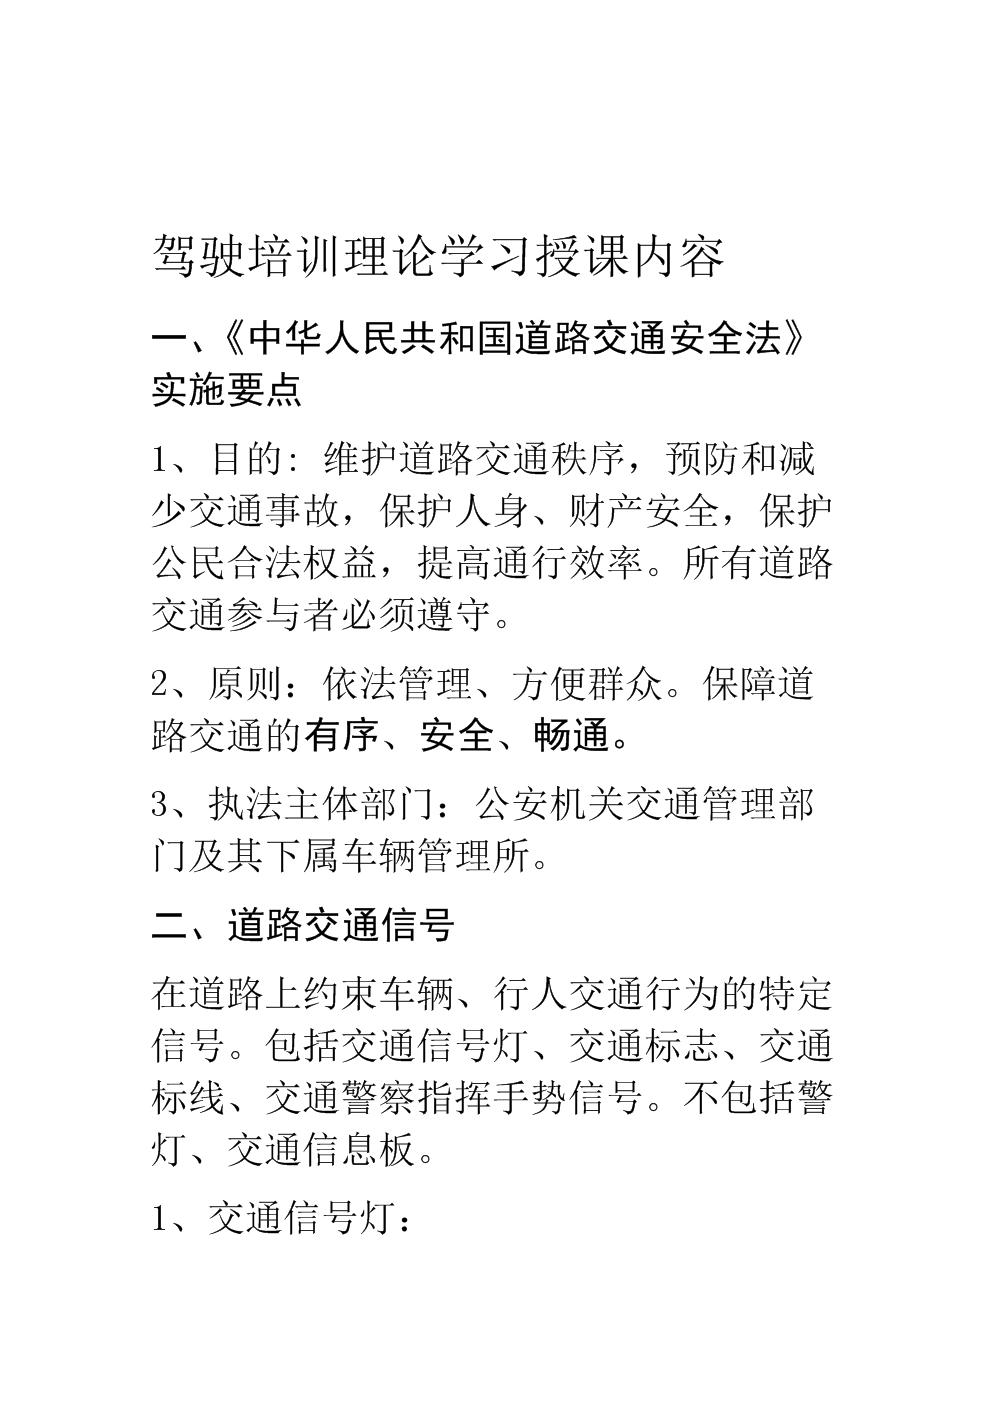 驾驶技术知名驾校理论课讲稿.doc